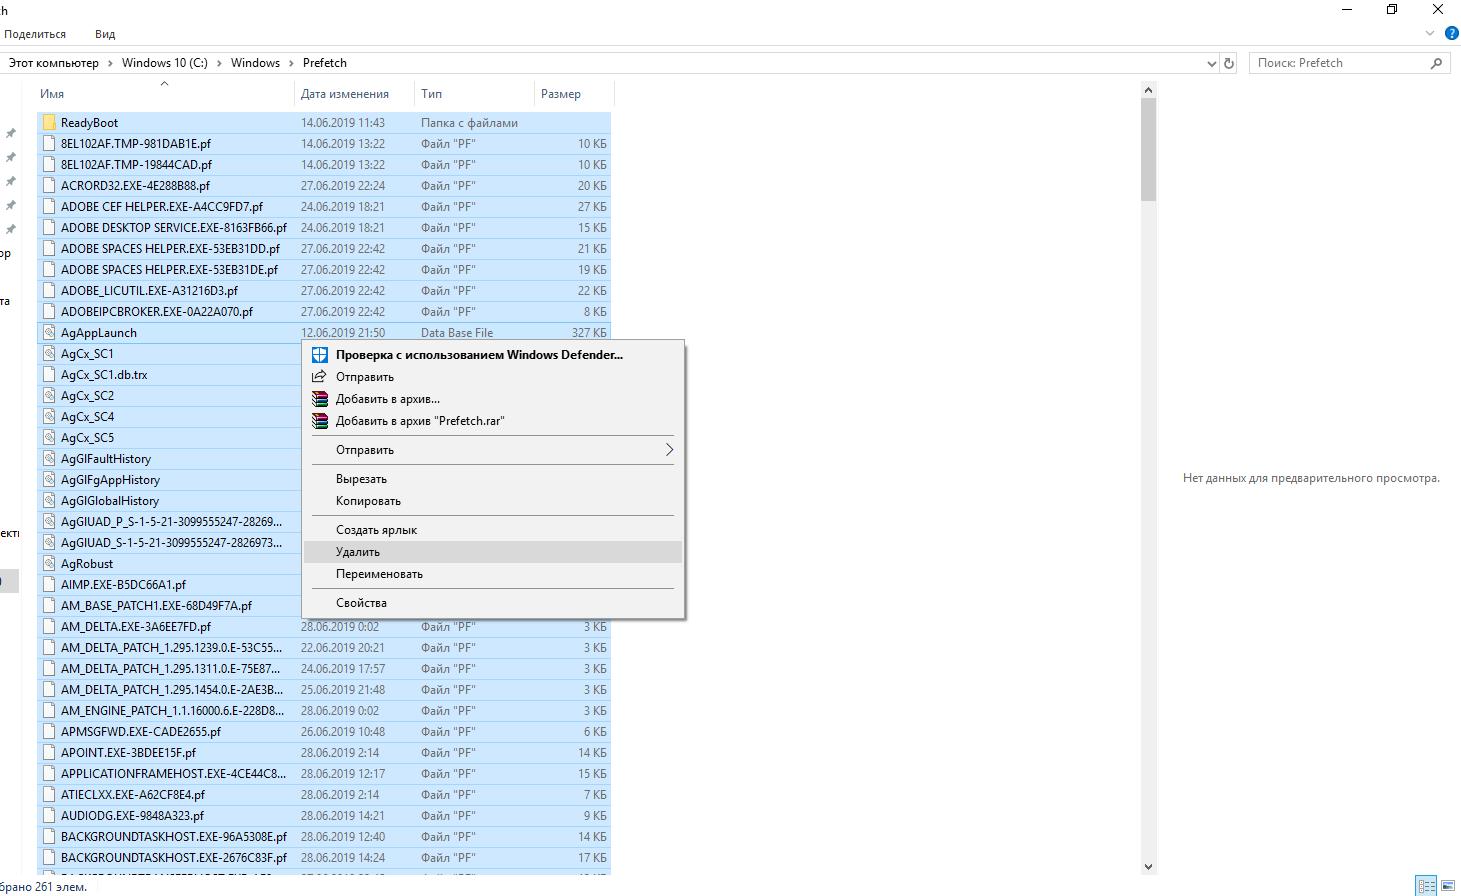 удаляем все файлы